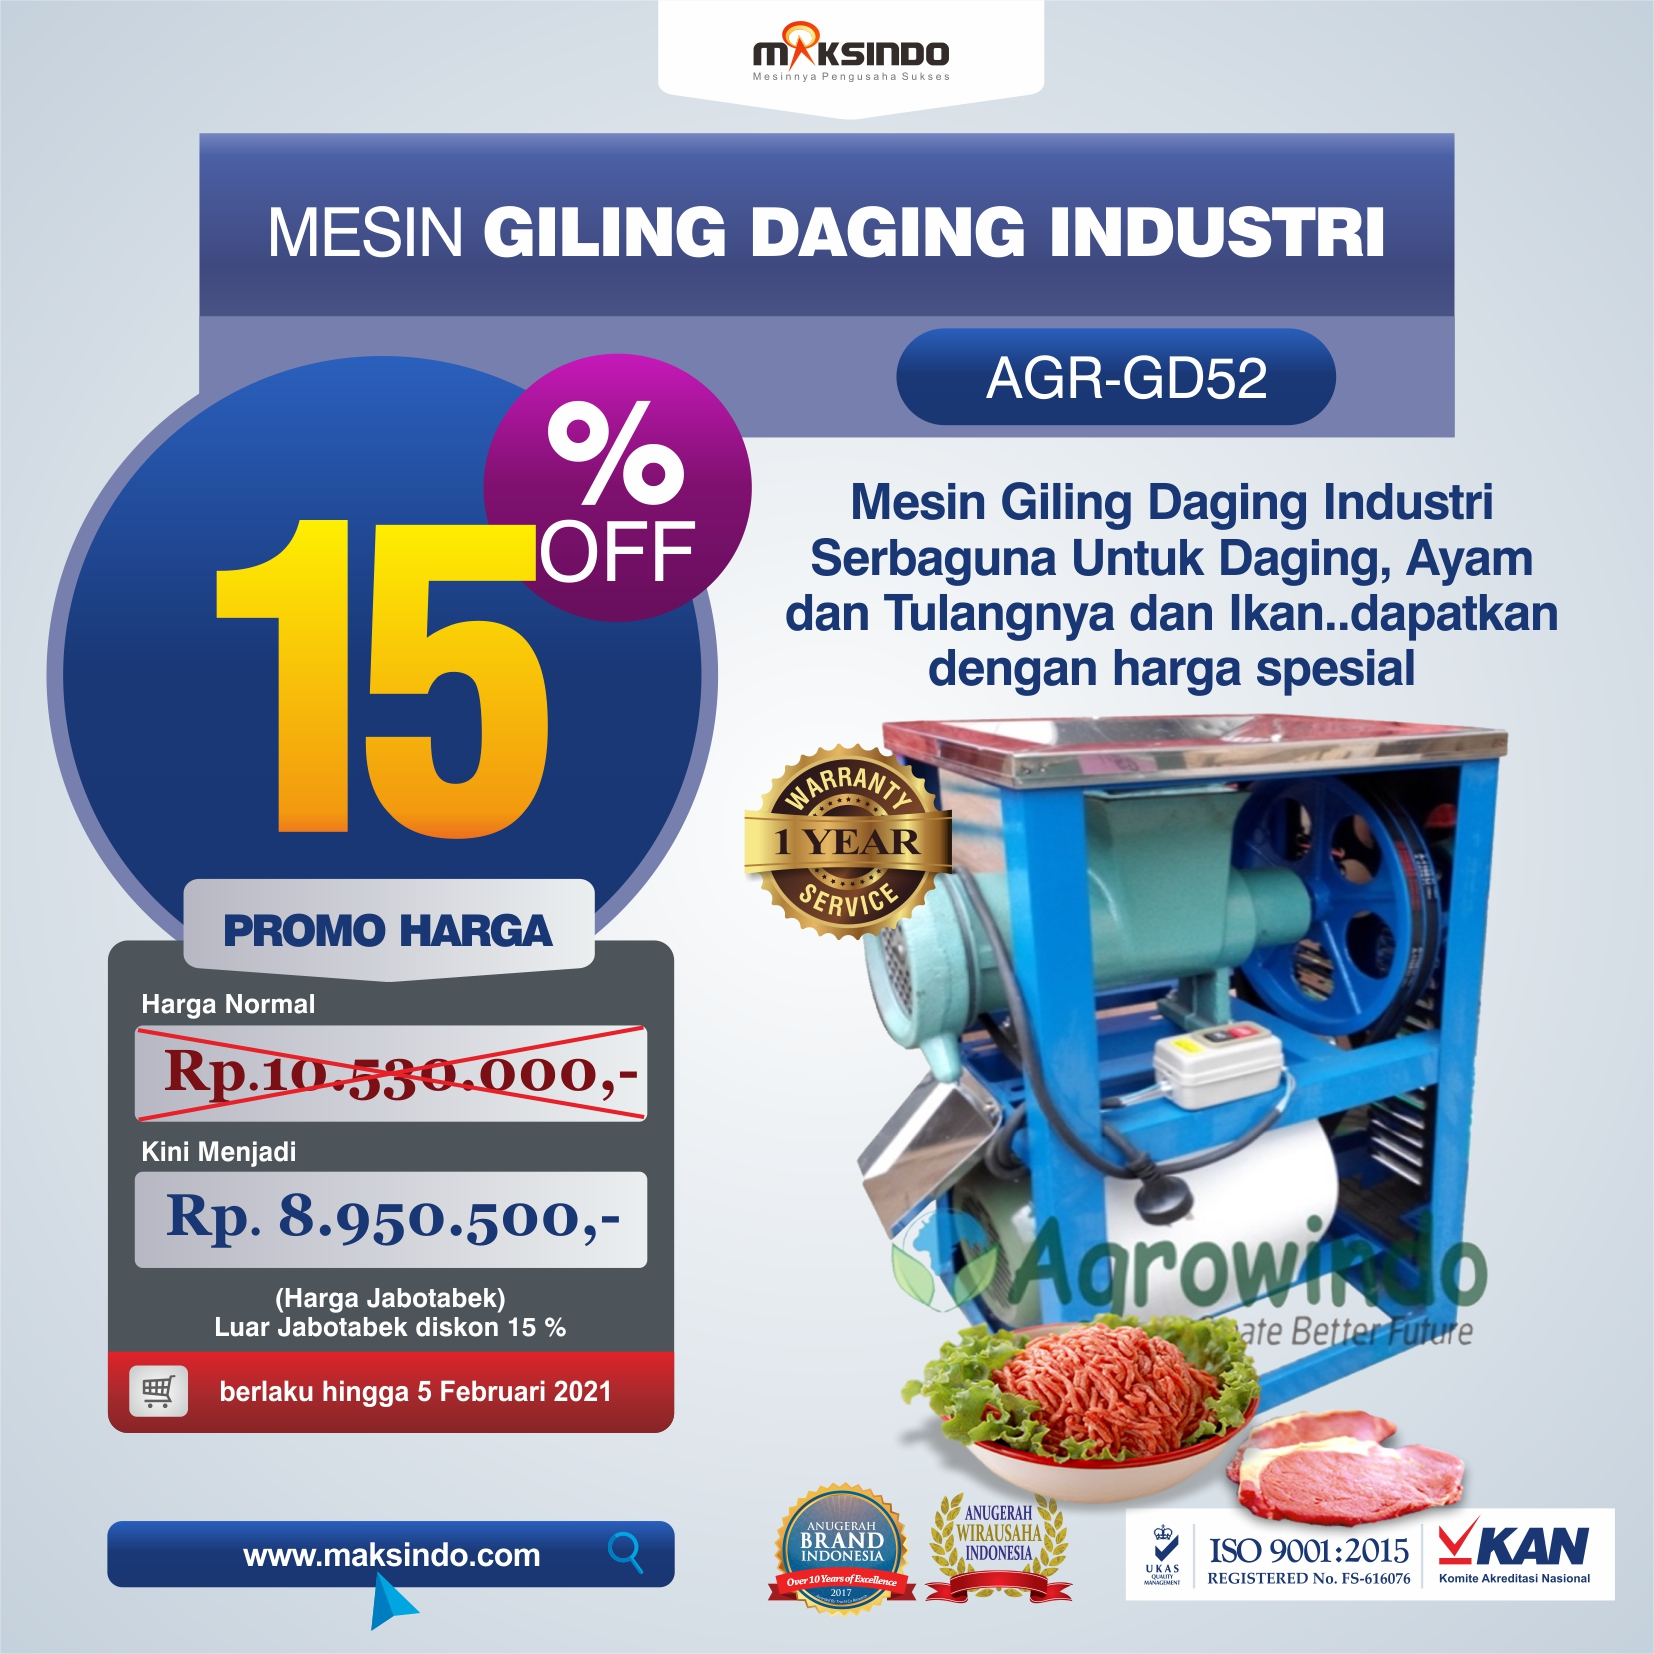 Jual Mesin Giling Daging Industri (AGR-GD52) di Bekasi